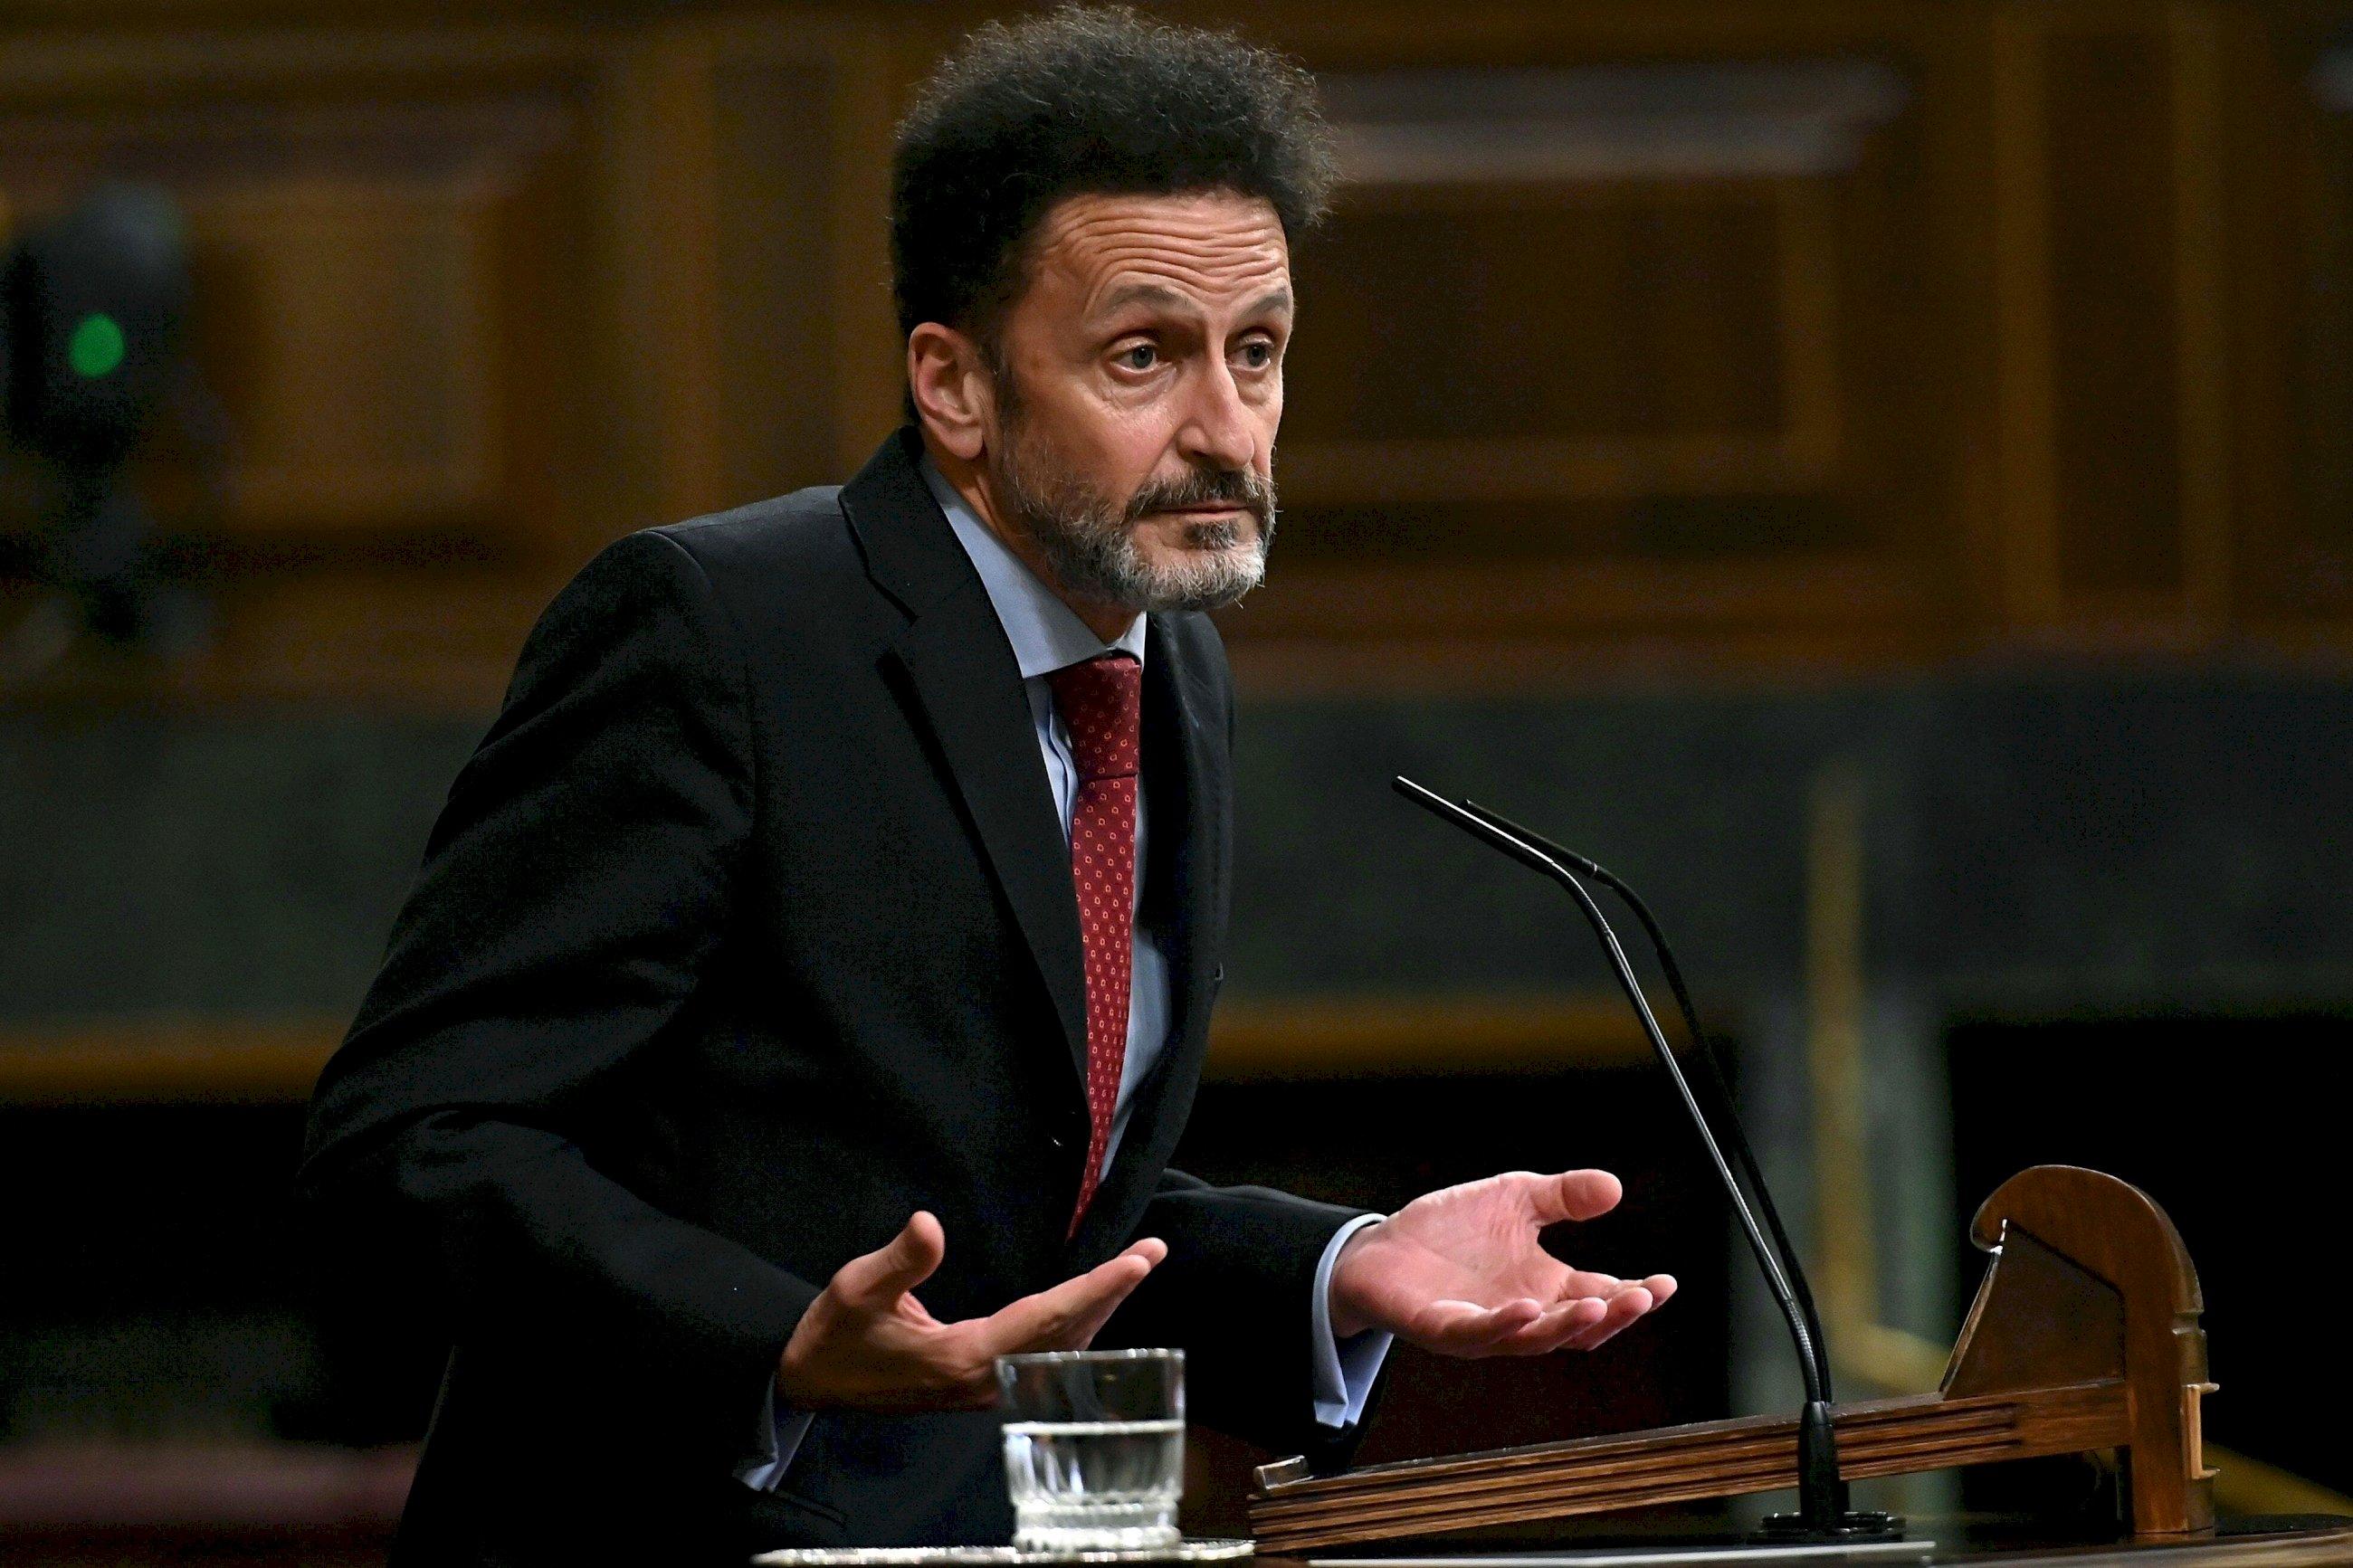 El portavoz de Ciudadanos en el Congreso, Edmundo Bal, en el pleno del Congreso del 17 de noviembre de 2020 | EFE/FV/Archivo